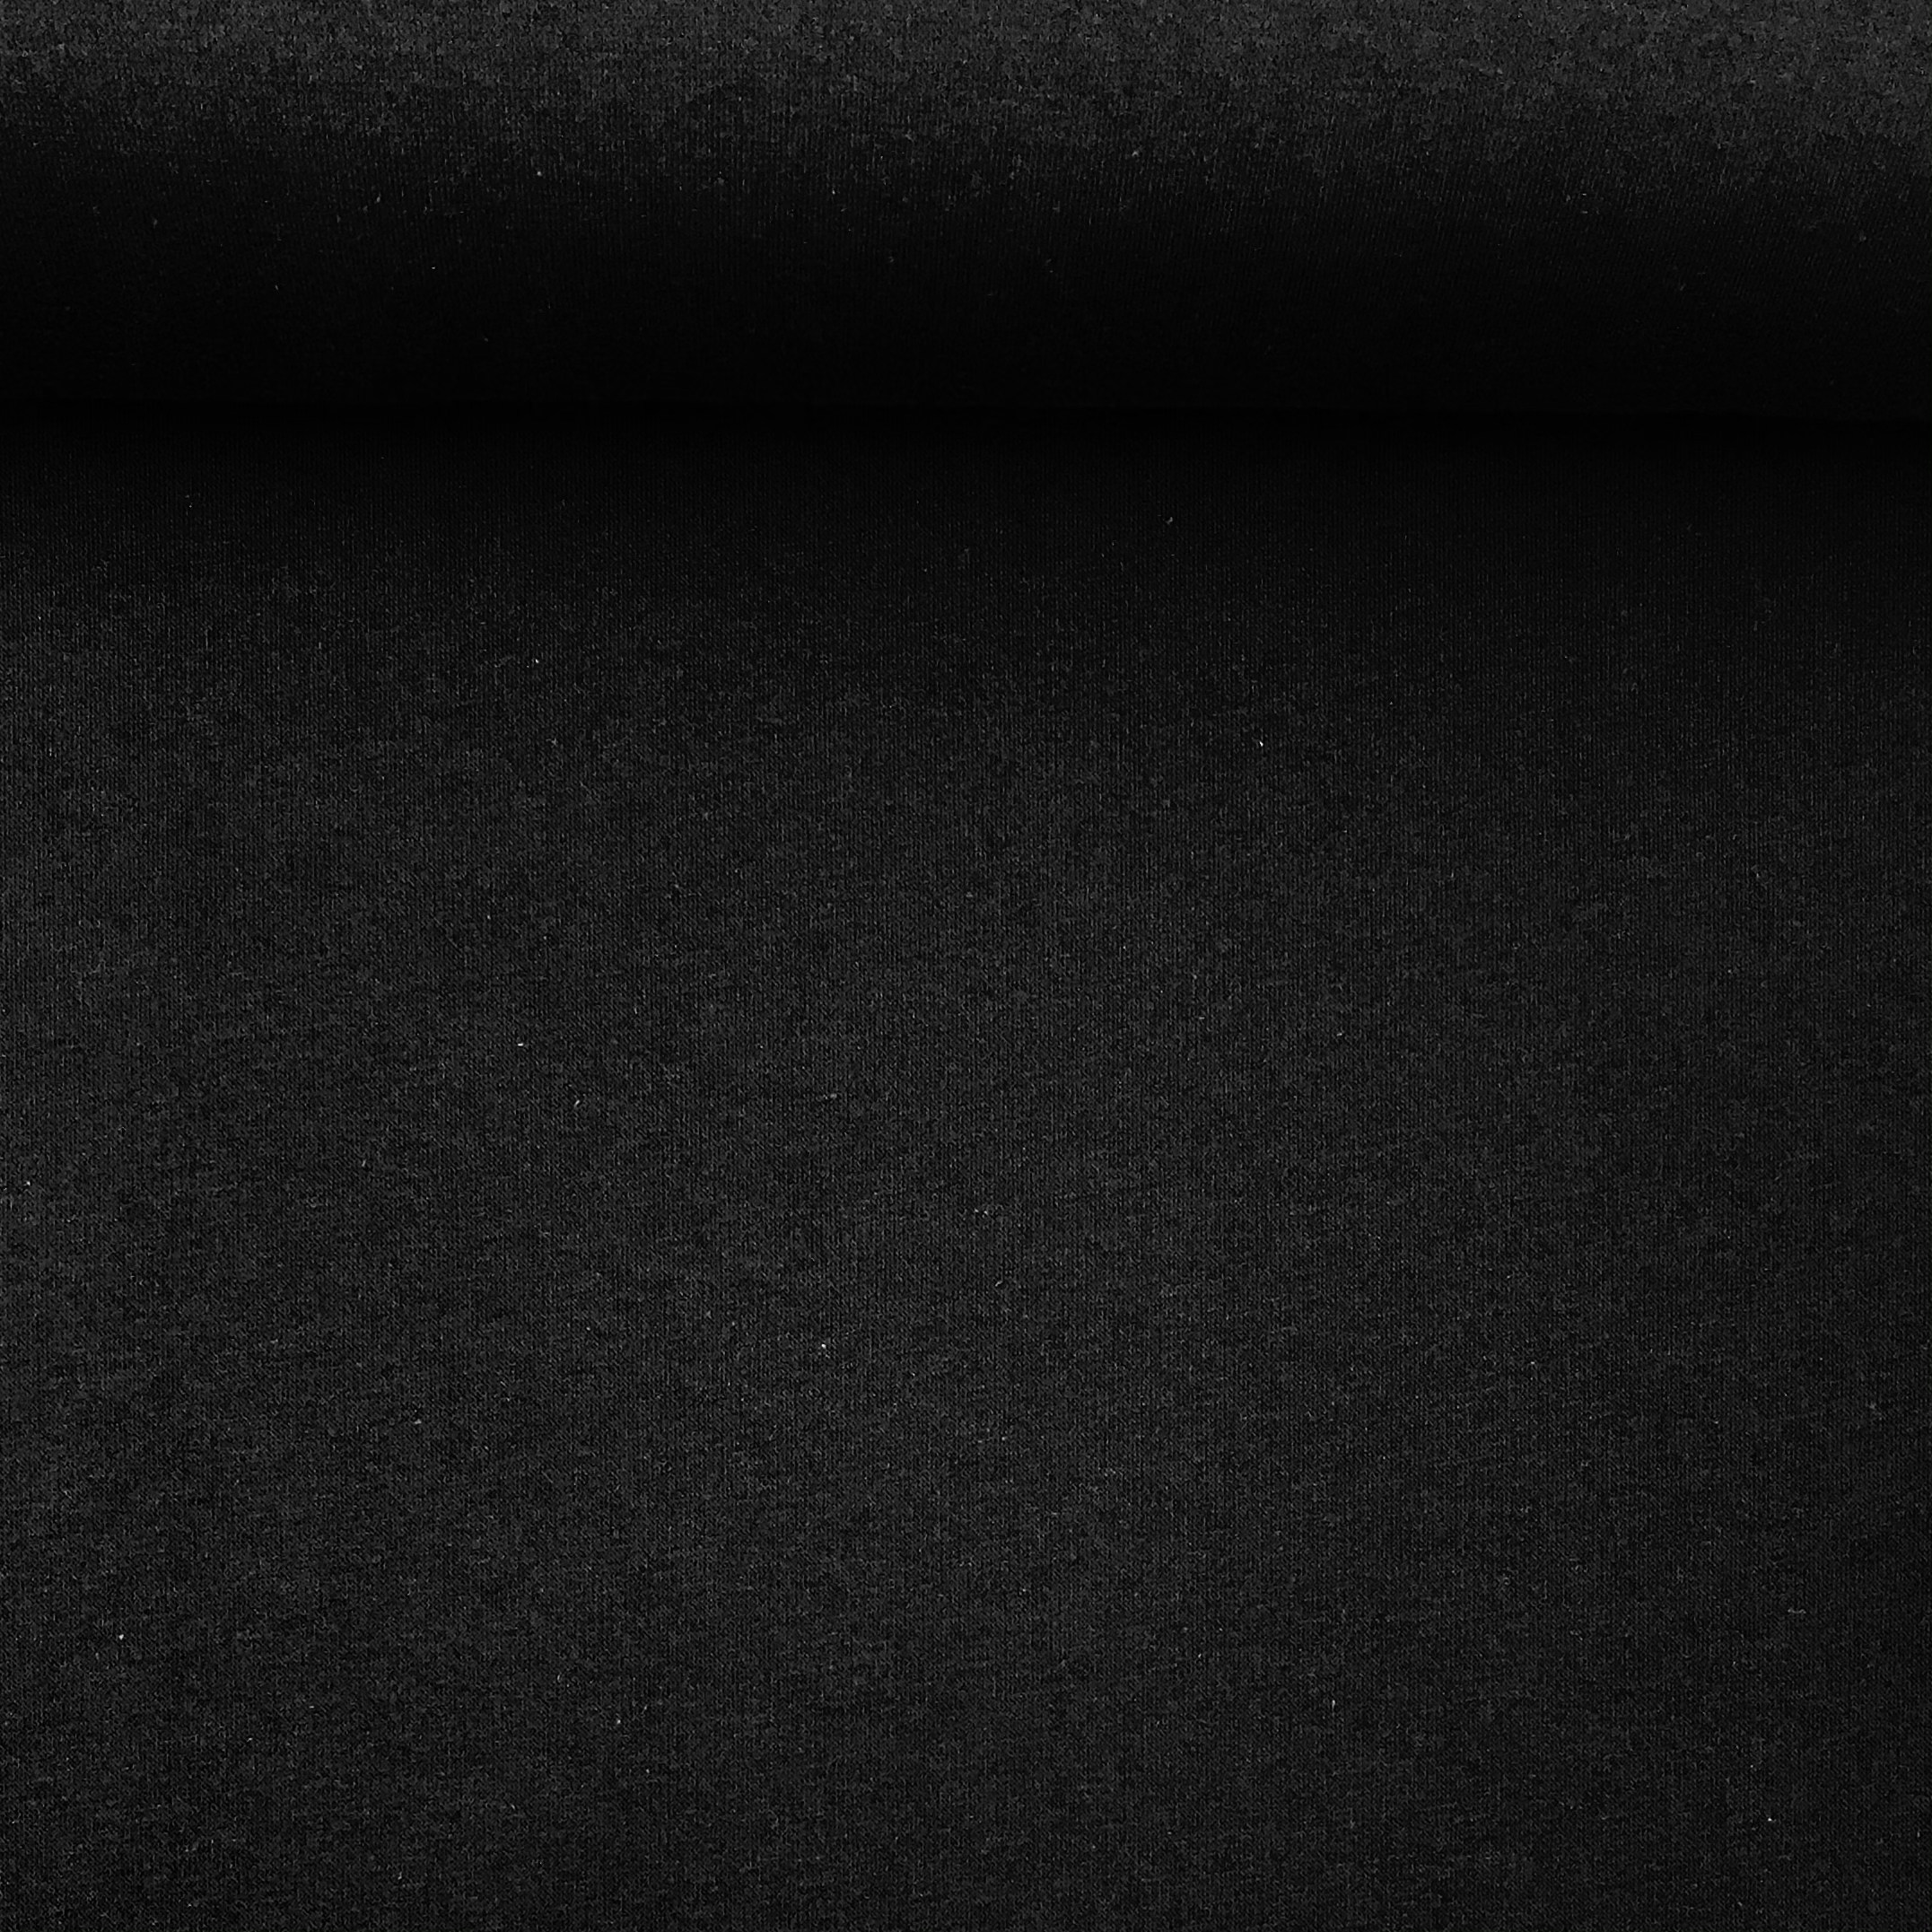 Soft French Terry/Sweatstoff angeraut, schwarz, uni. Art. SW10733